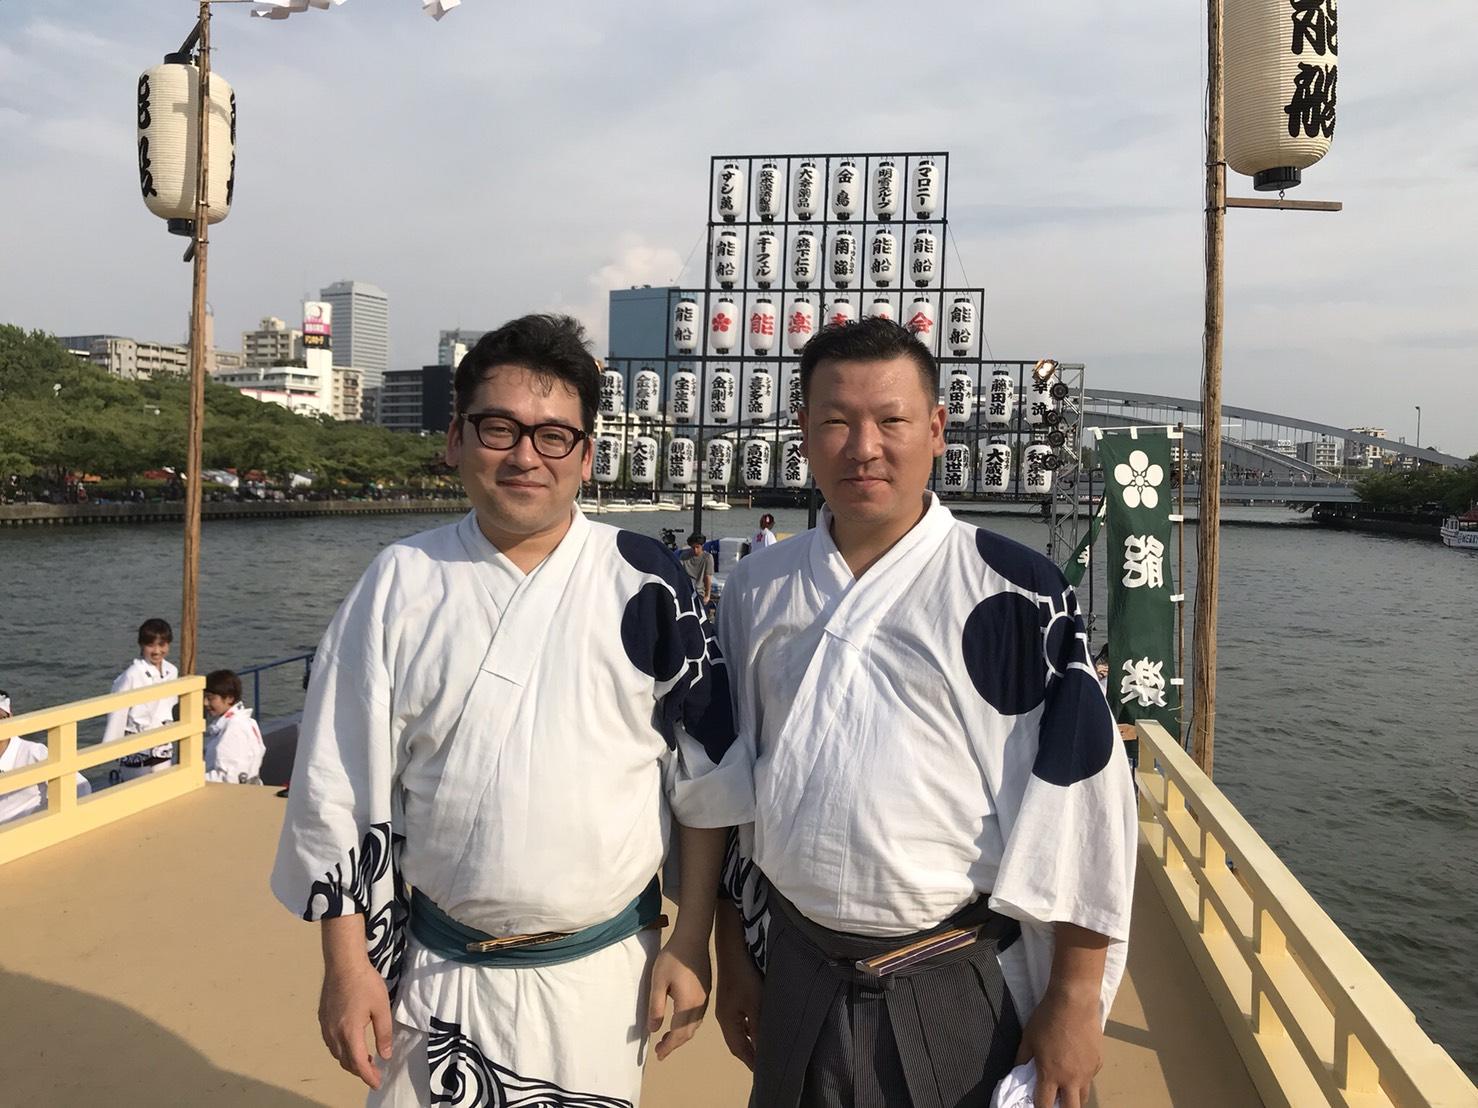 2018年7月25日 天神祭 船渡御 能船